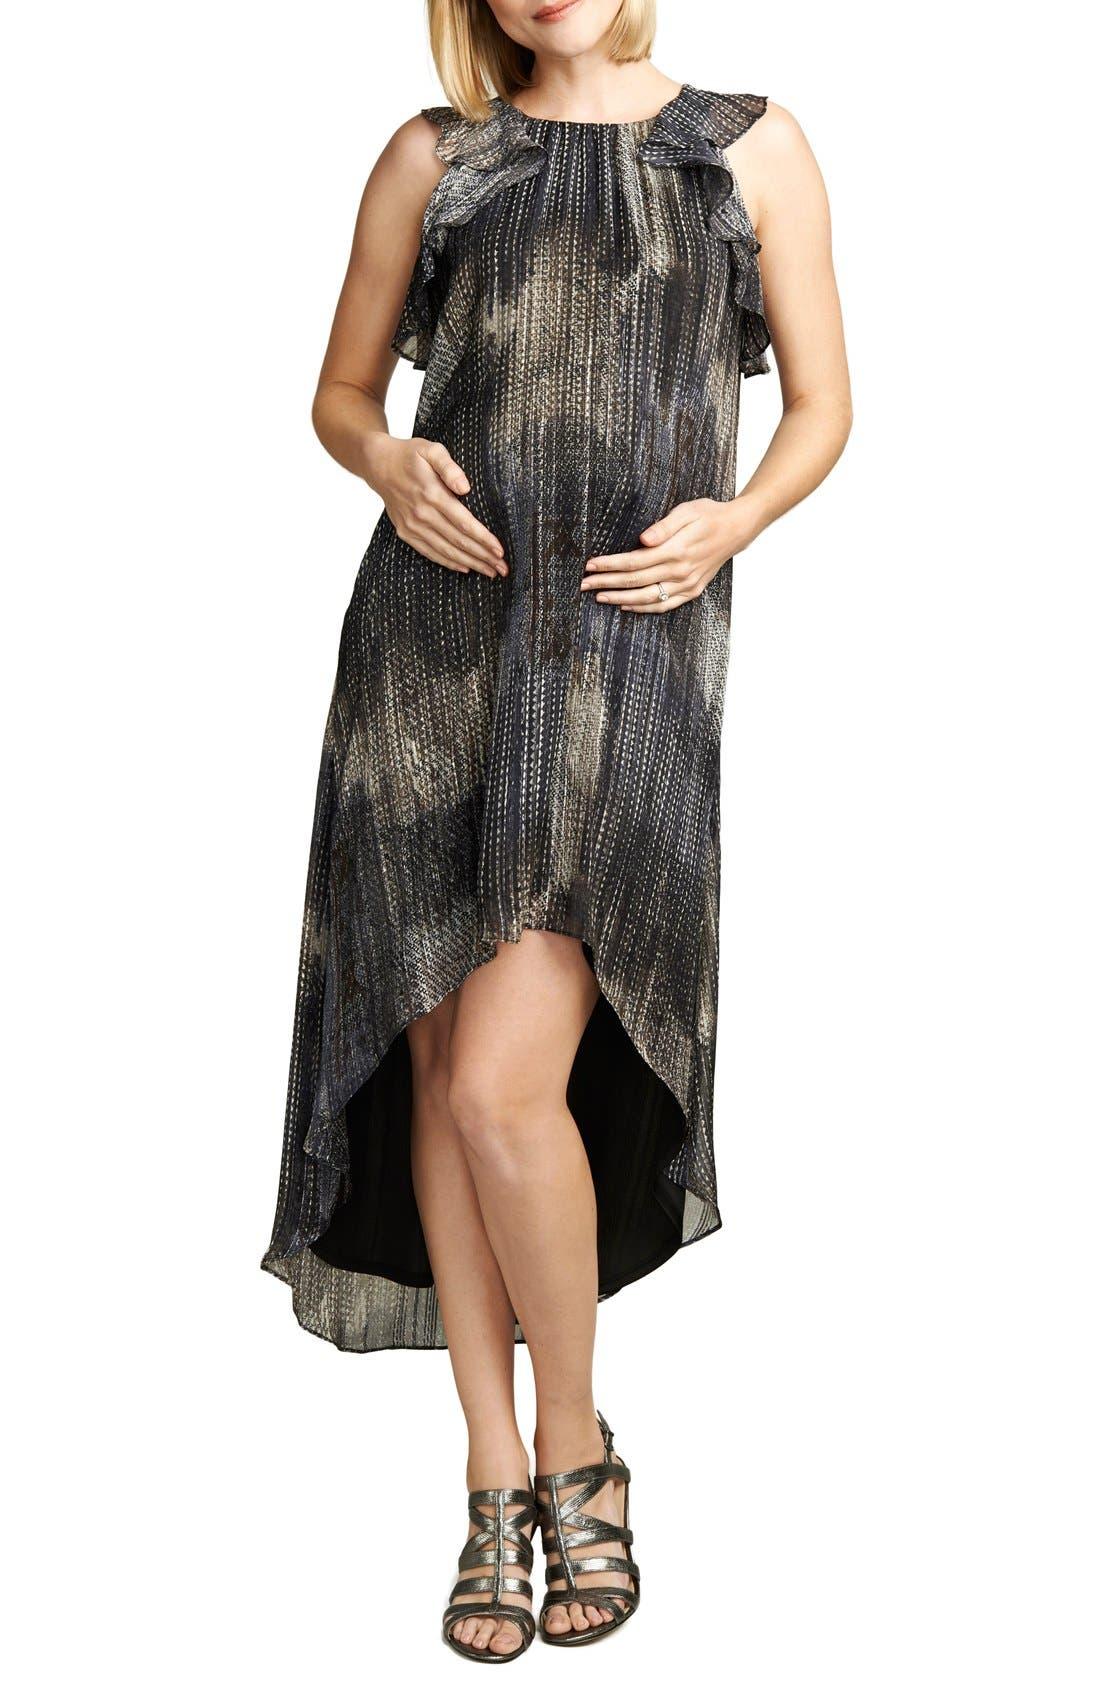 Maternal America Ruffle Chiffon High/low Maternity Dress